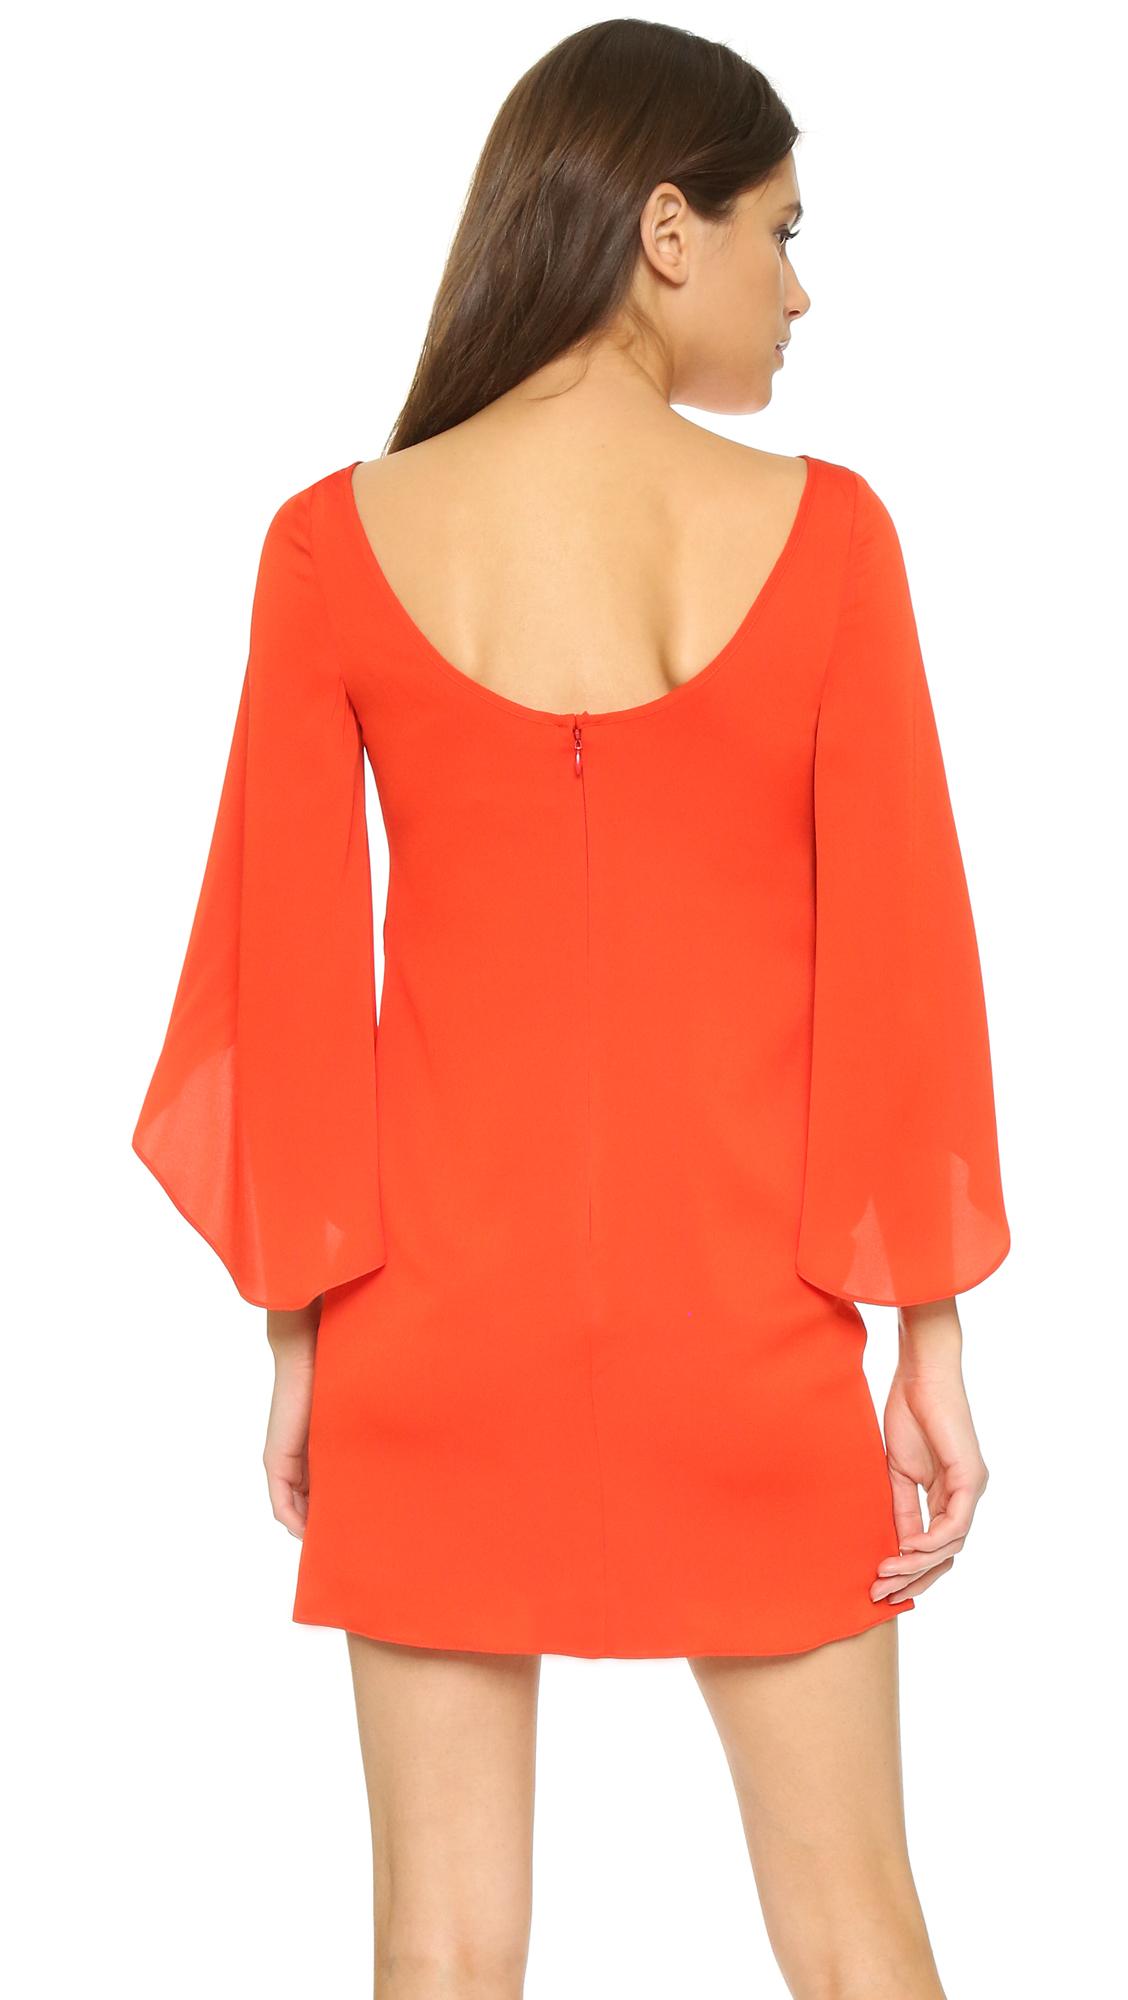 Milly Butterfly Dress in Orange